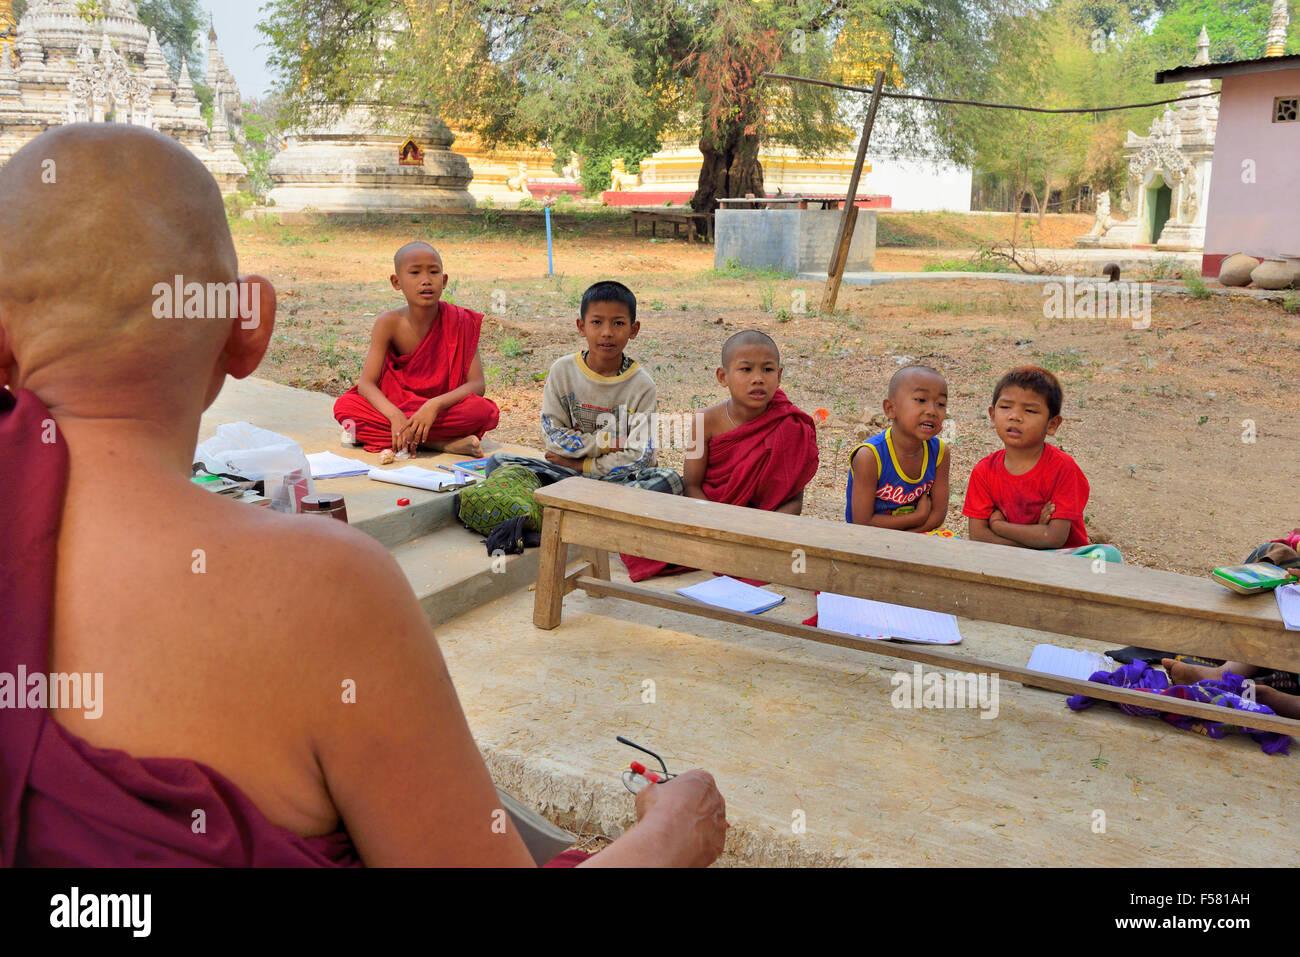 Le moine bouddhiste à l'extérieur, dans les leçons d'enseignement les élèves les Photo Stock